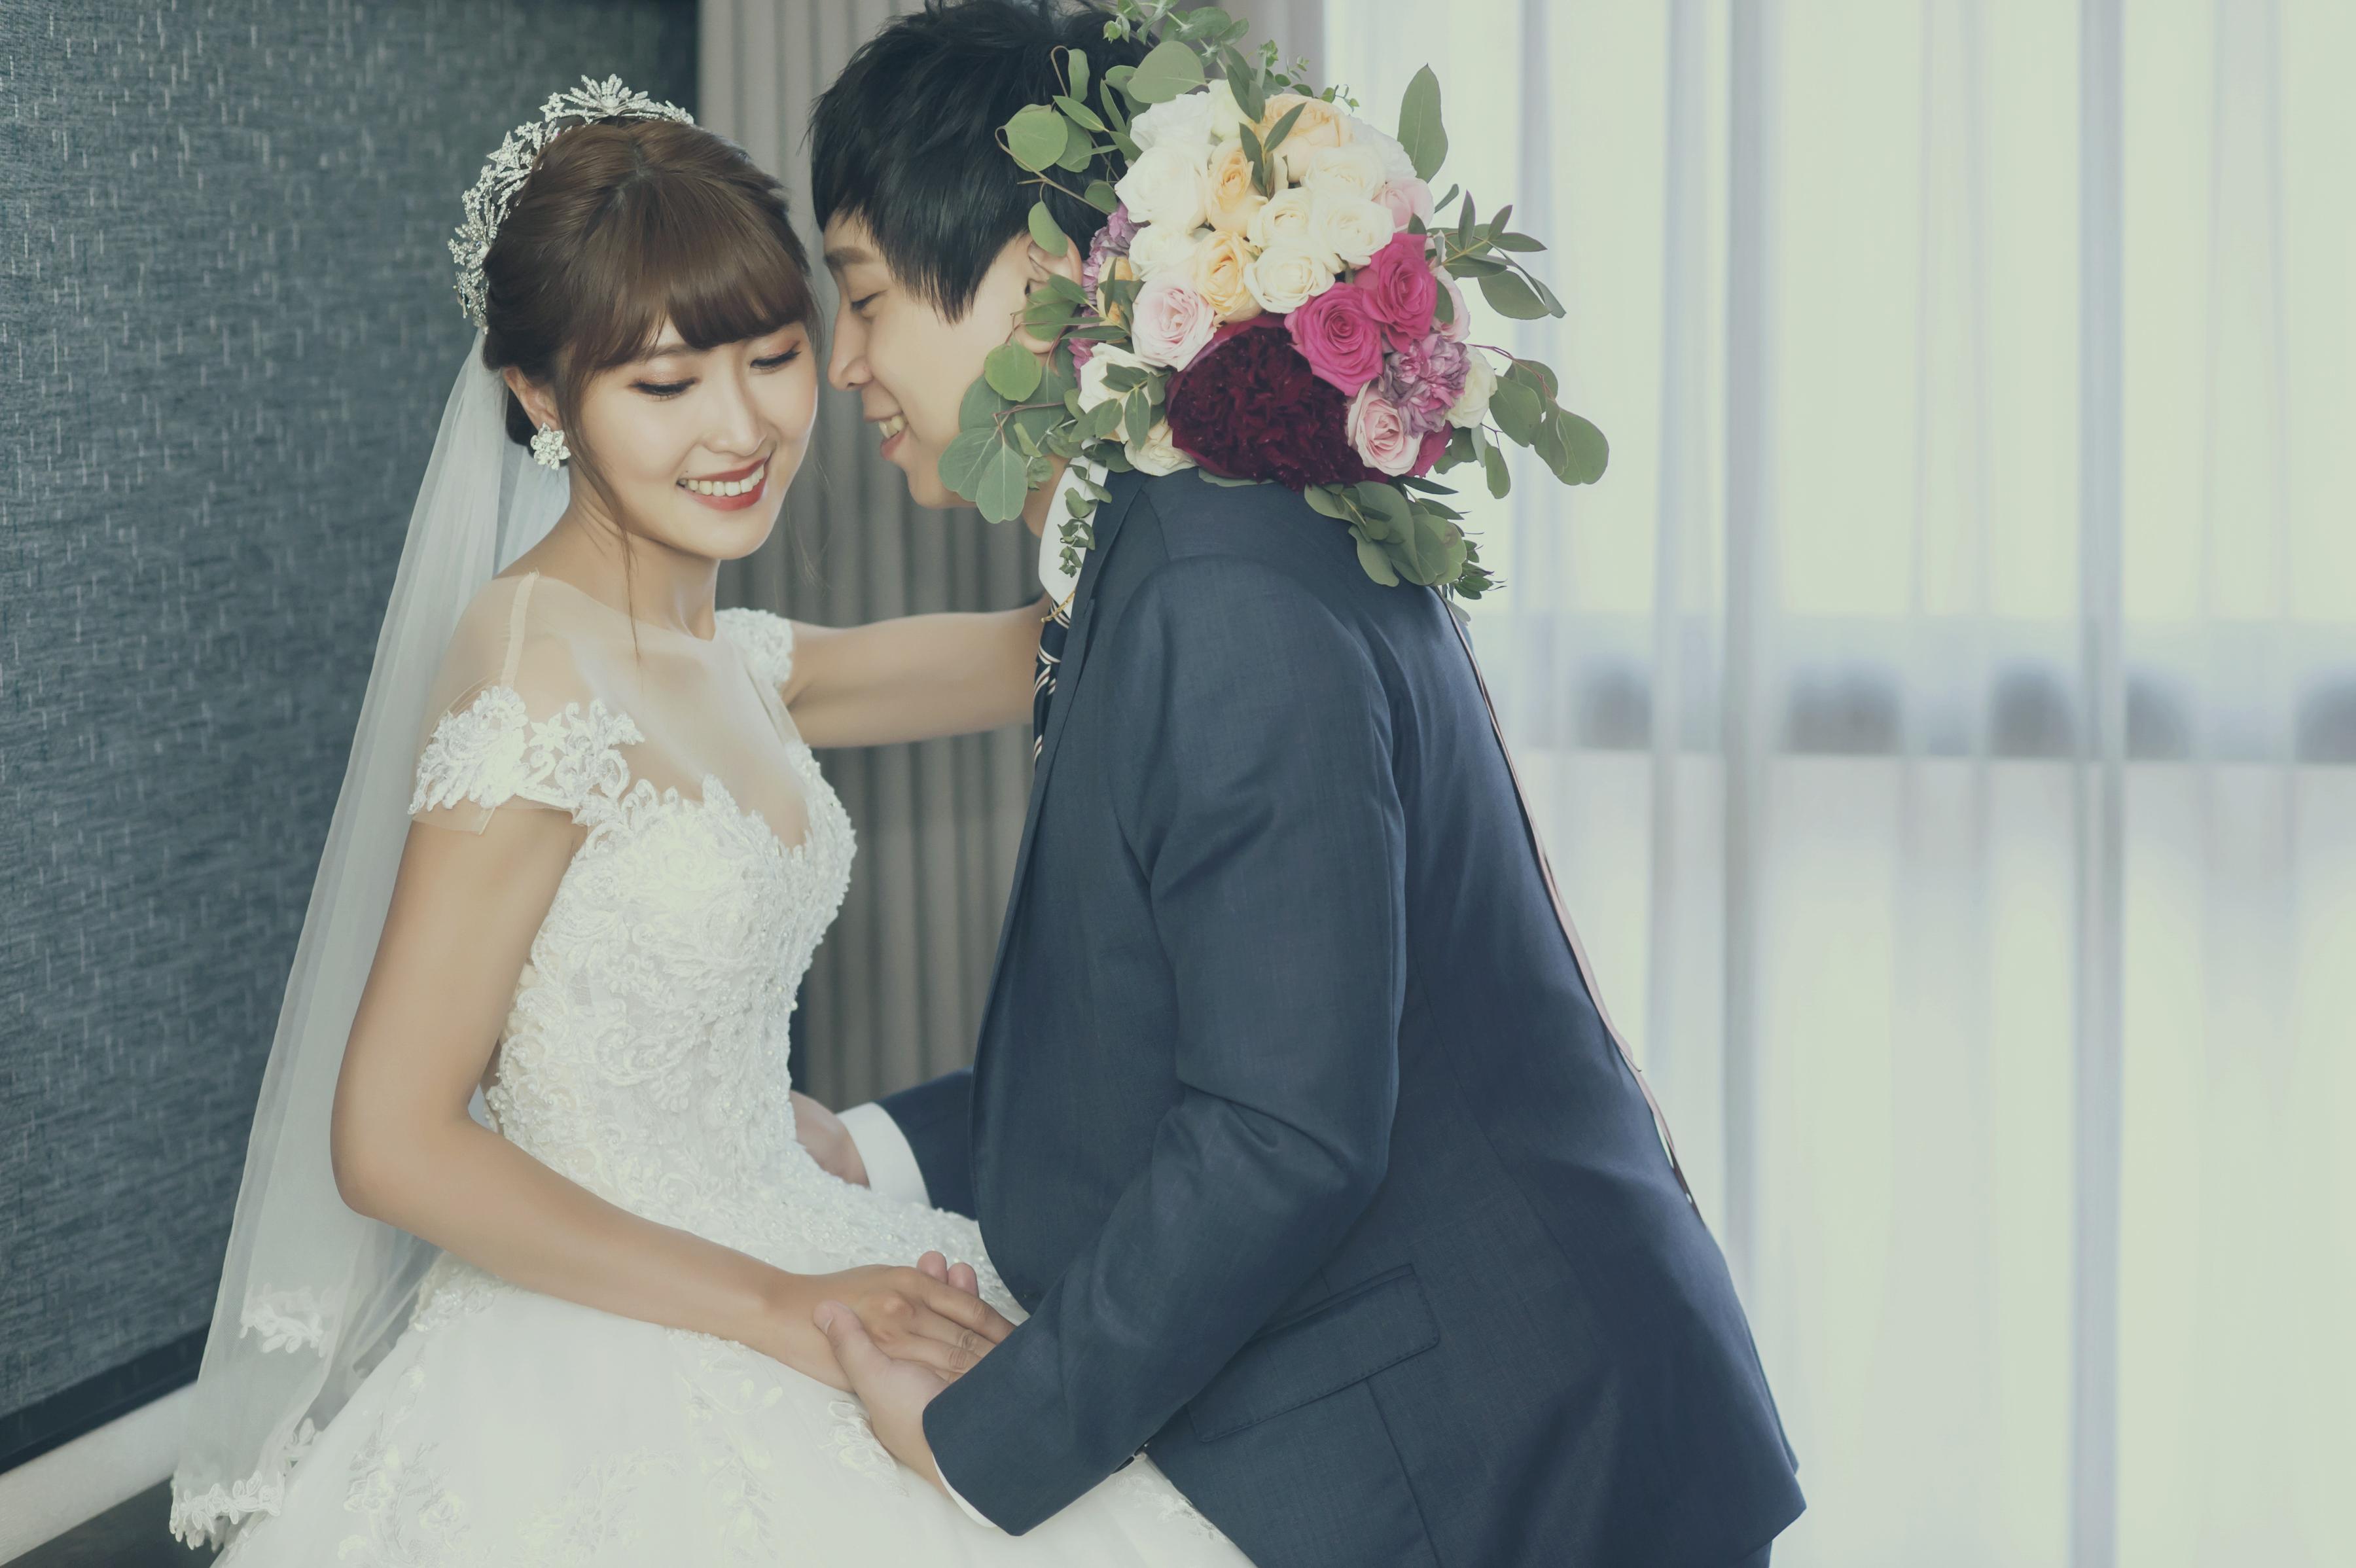 一巧婚禮攝影, 婚攝培根, 攝影服務說明, 婚禮紀錄, 婚攝, 婚禮攝影,新店頤品, 白金花園酒店,婚攝推薦